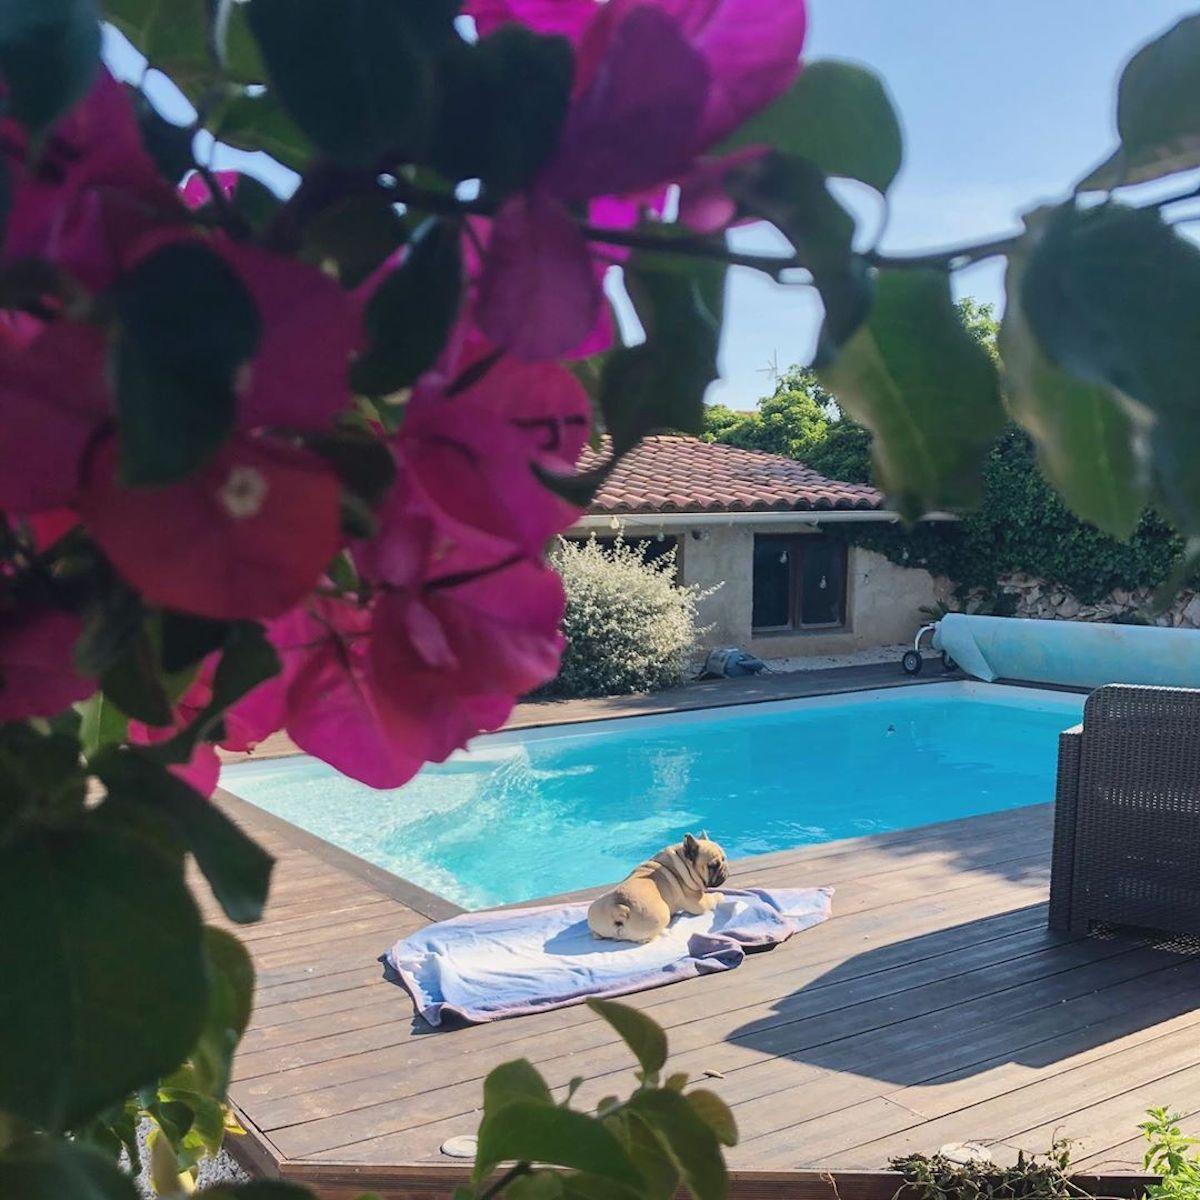 piscine terrasse bois maison provence - blog déco - clematc